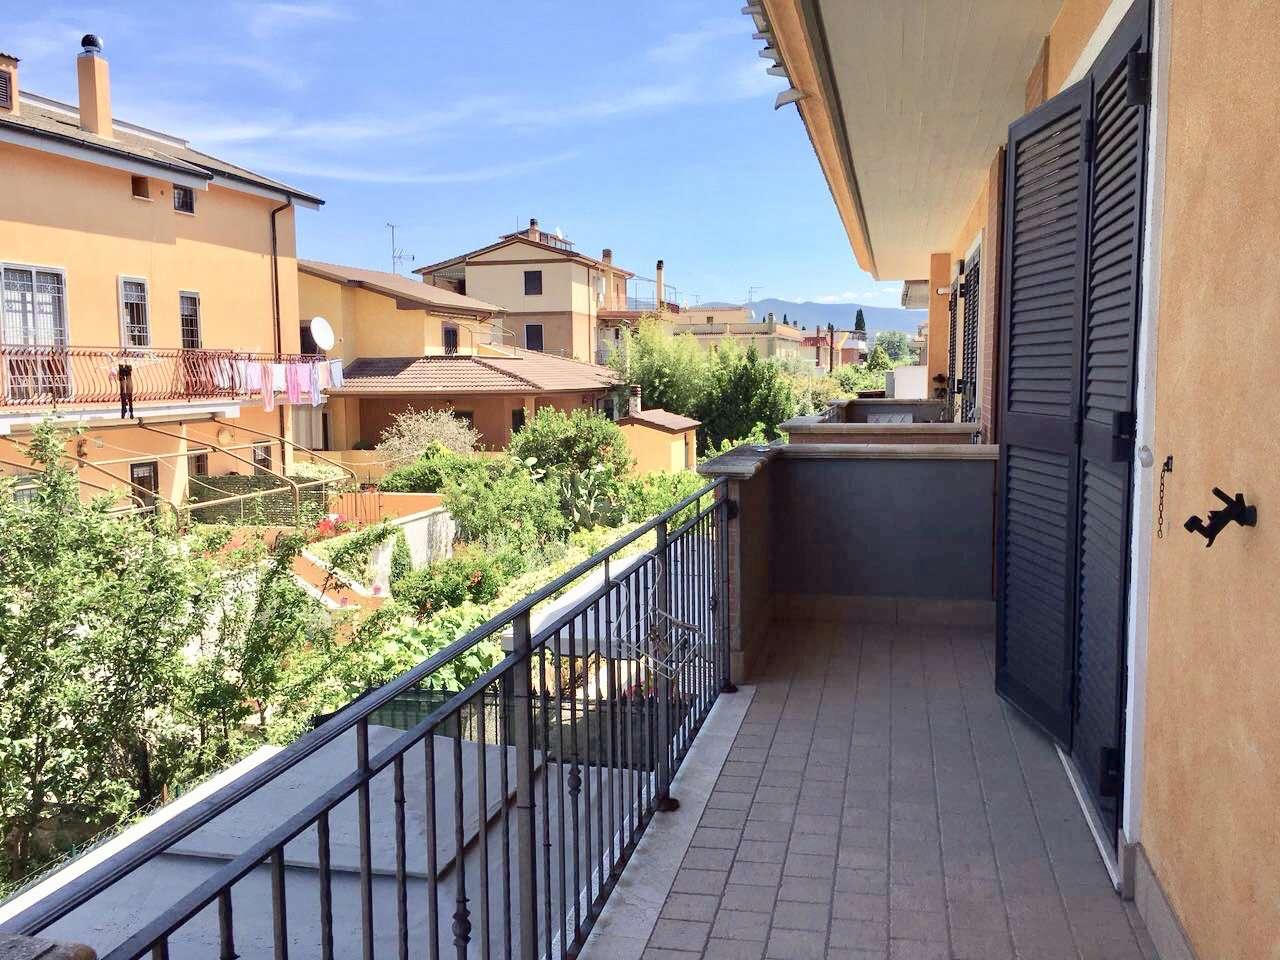 Appartamento in affitto a Tivoli, 3 locali, prezzo € 650 | CambioCasa.it